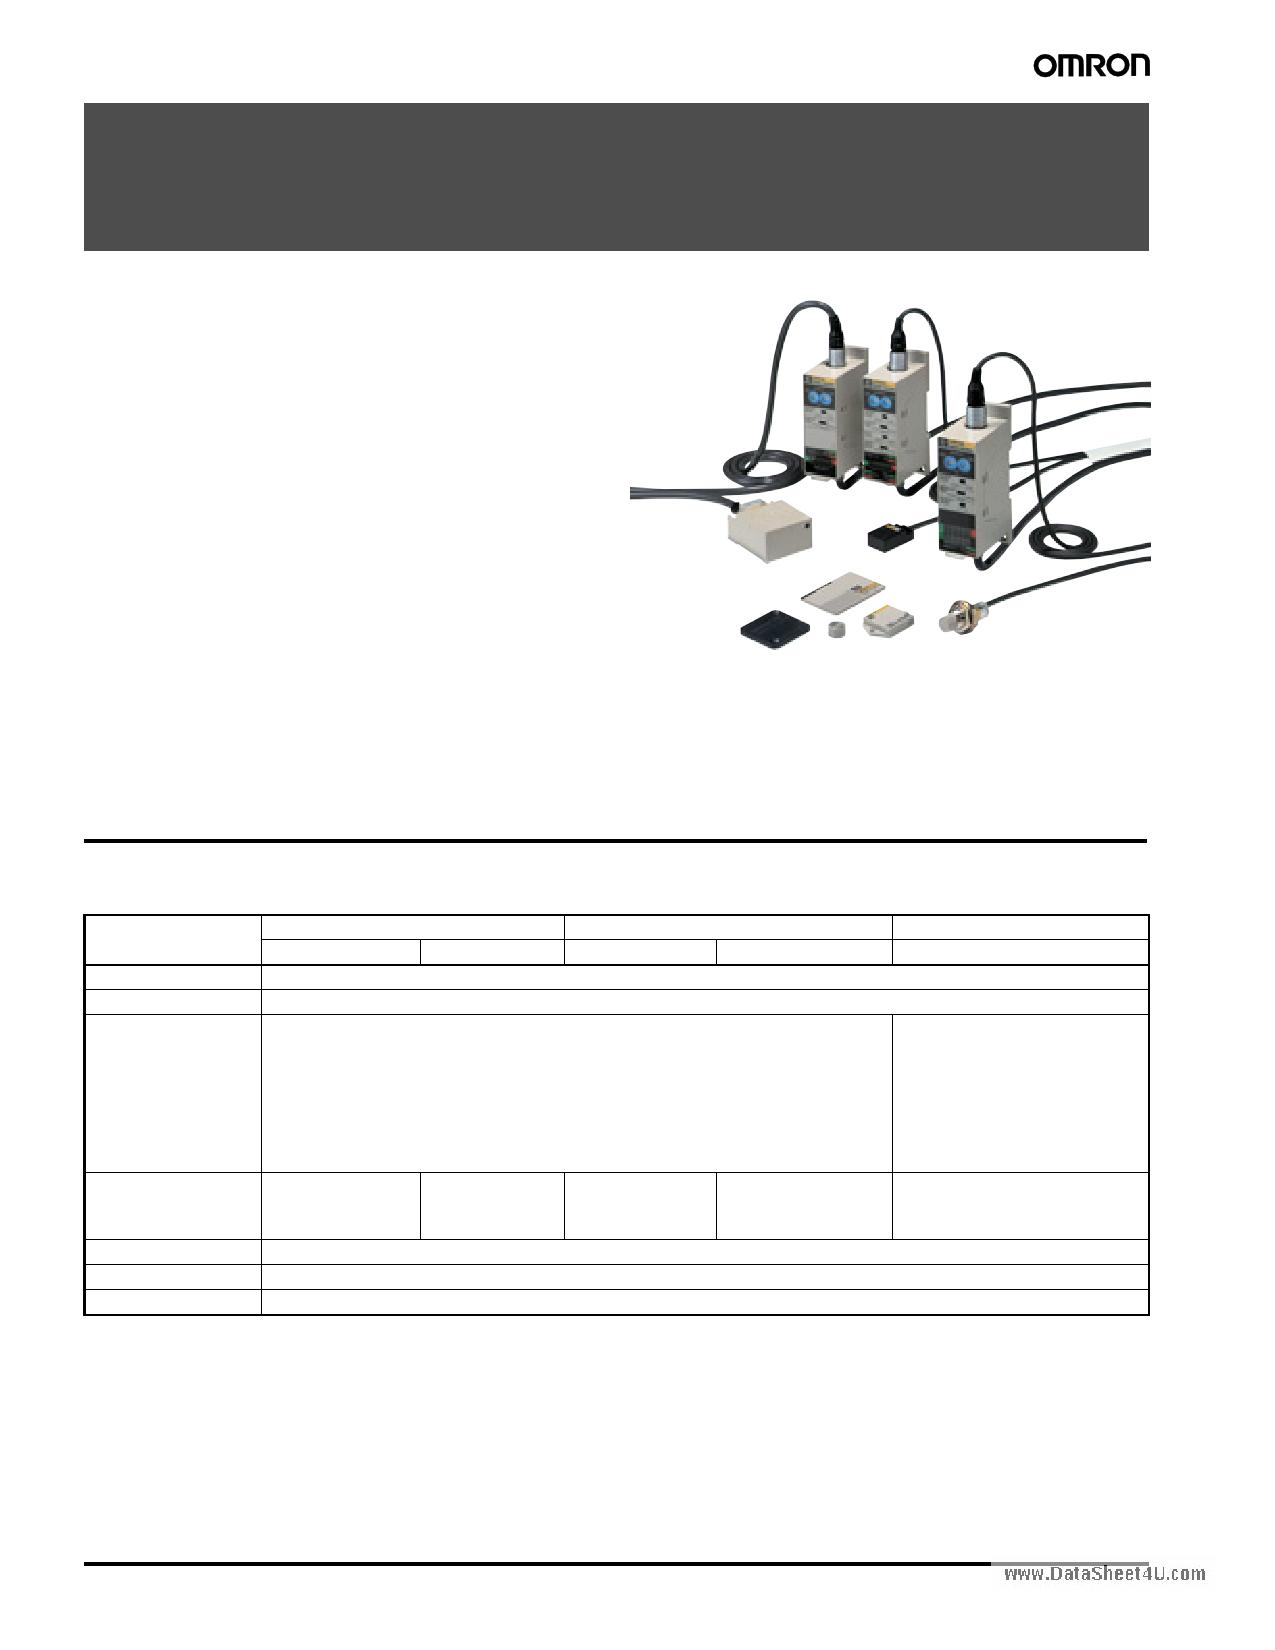 V600-HAM91 datasheet